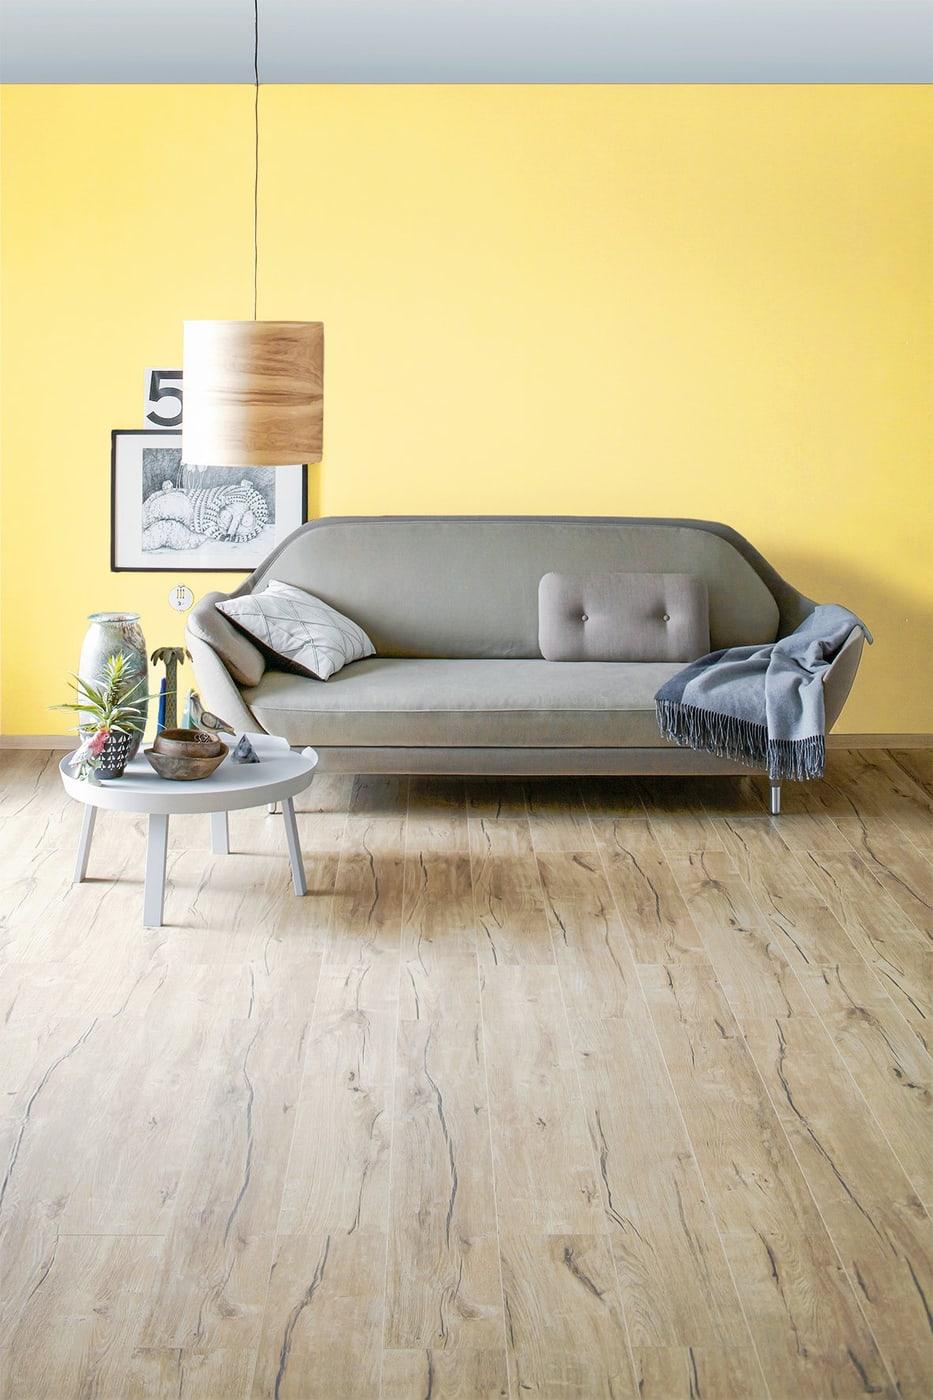 sch ner wohnen trend wandfarbe matt 2 5 ltr vanilla migros. Black Bedroom Furniture Sets. Home Design Ideas